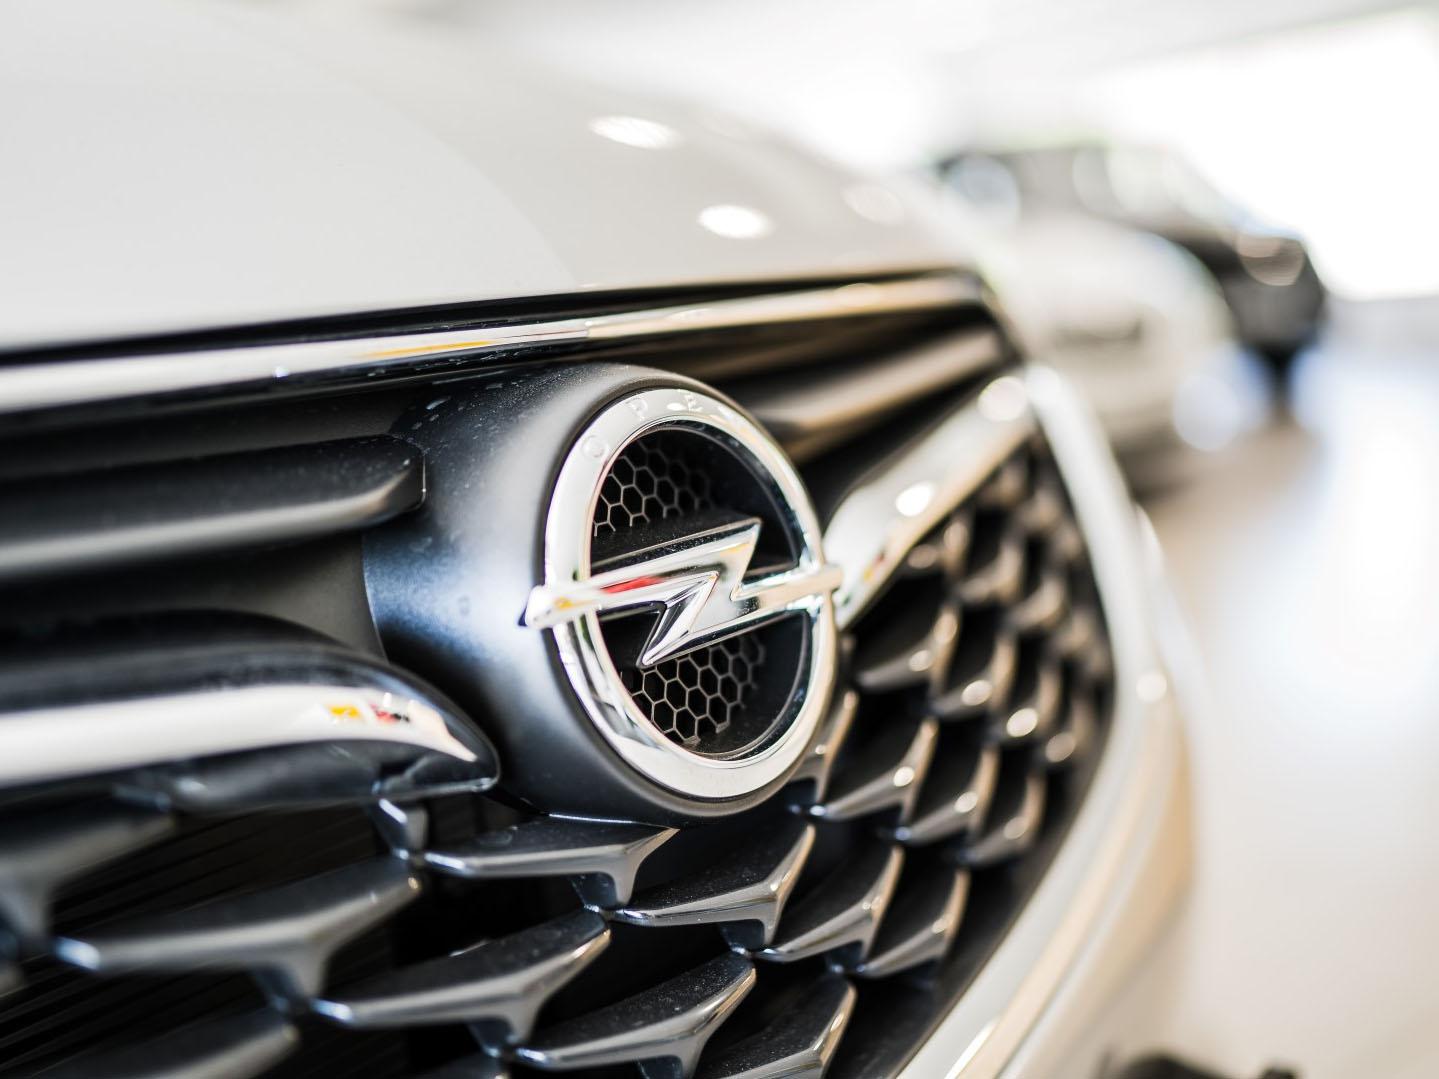 avtohisa-zalar-opel-nova-rabljena-vozila-avtomobili-servis-vzdrzevanje-zavarovanje-registracija-nakup-garancija-jamst (79)